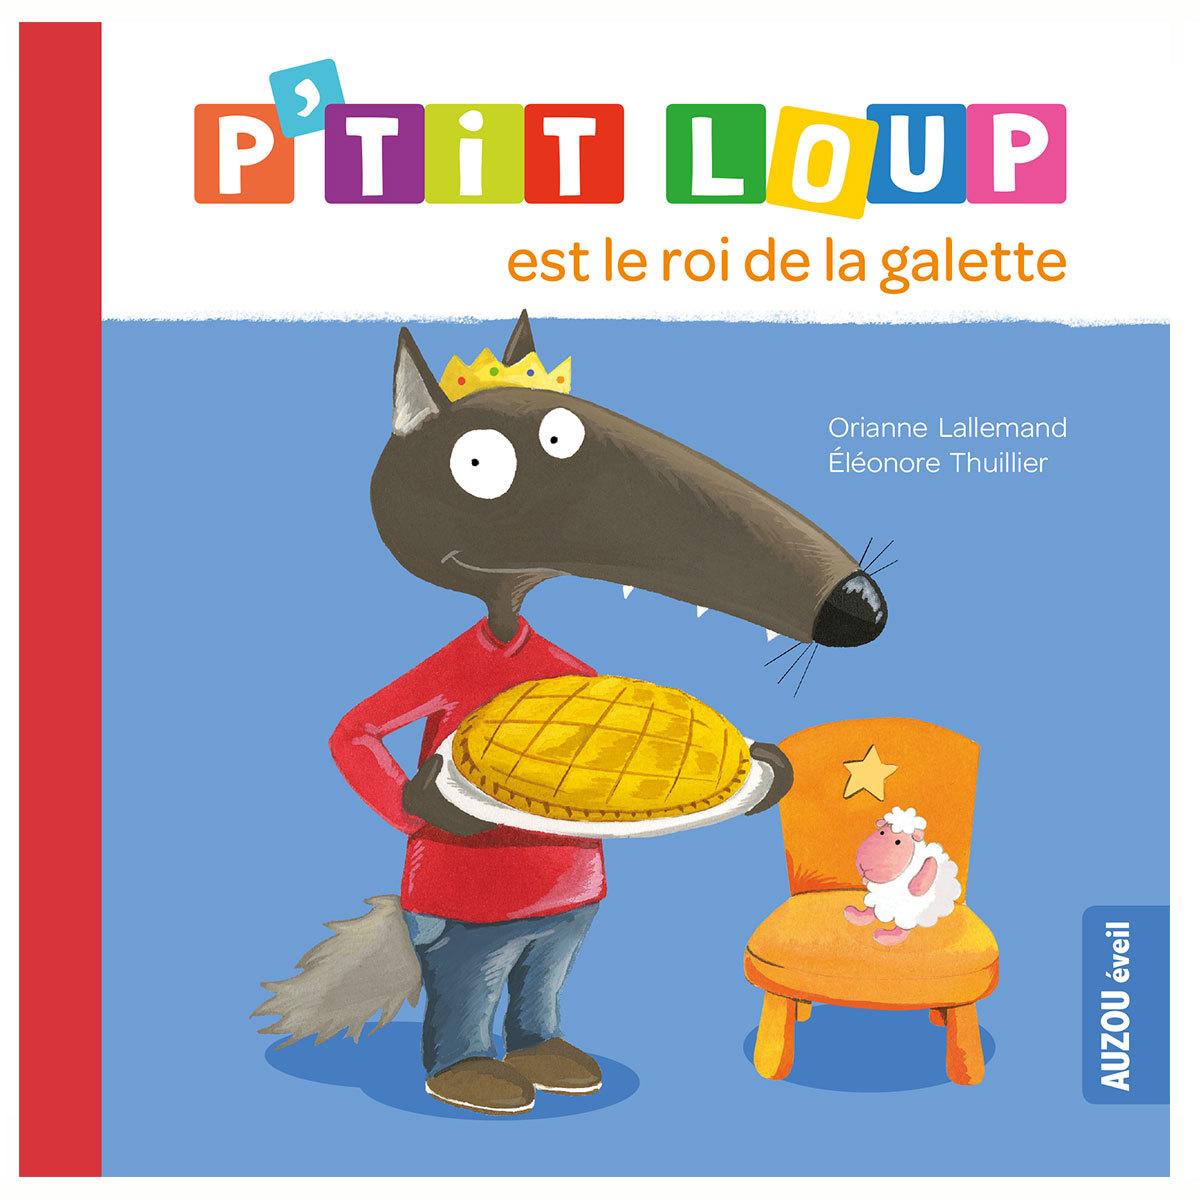 Livre & Carte P'tit Loup est le roi de la galette P'tit Loup est le roi de la galette